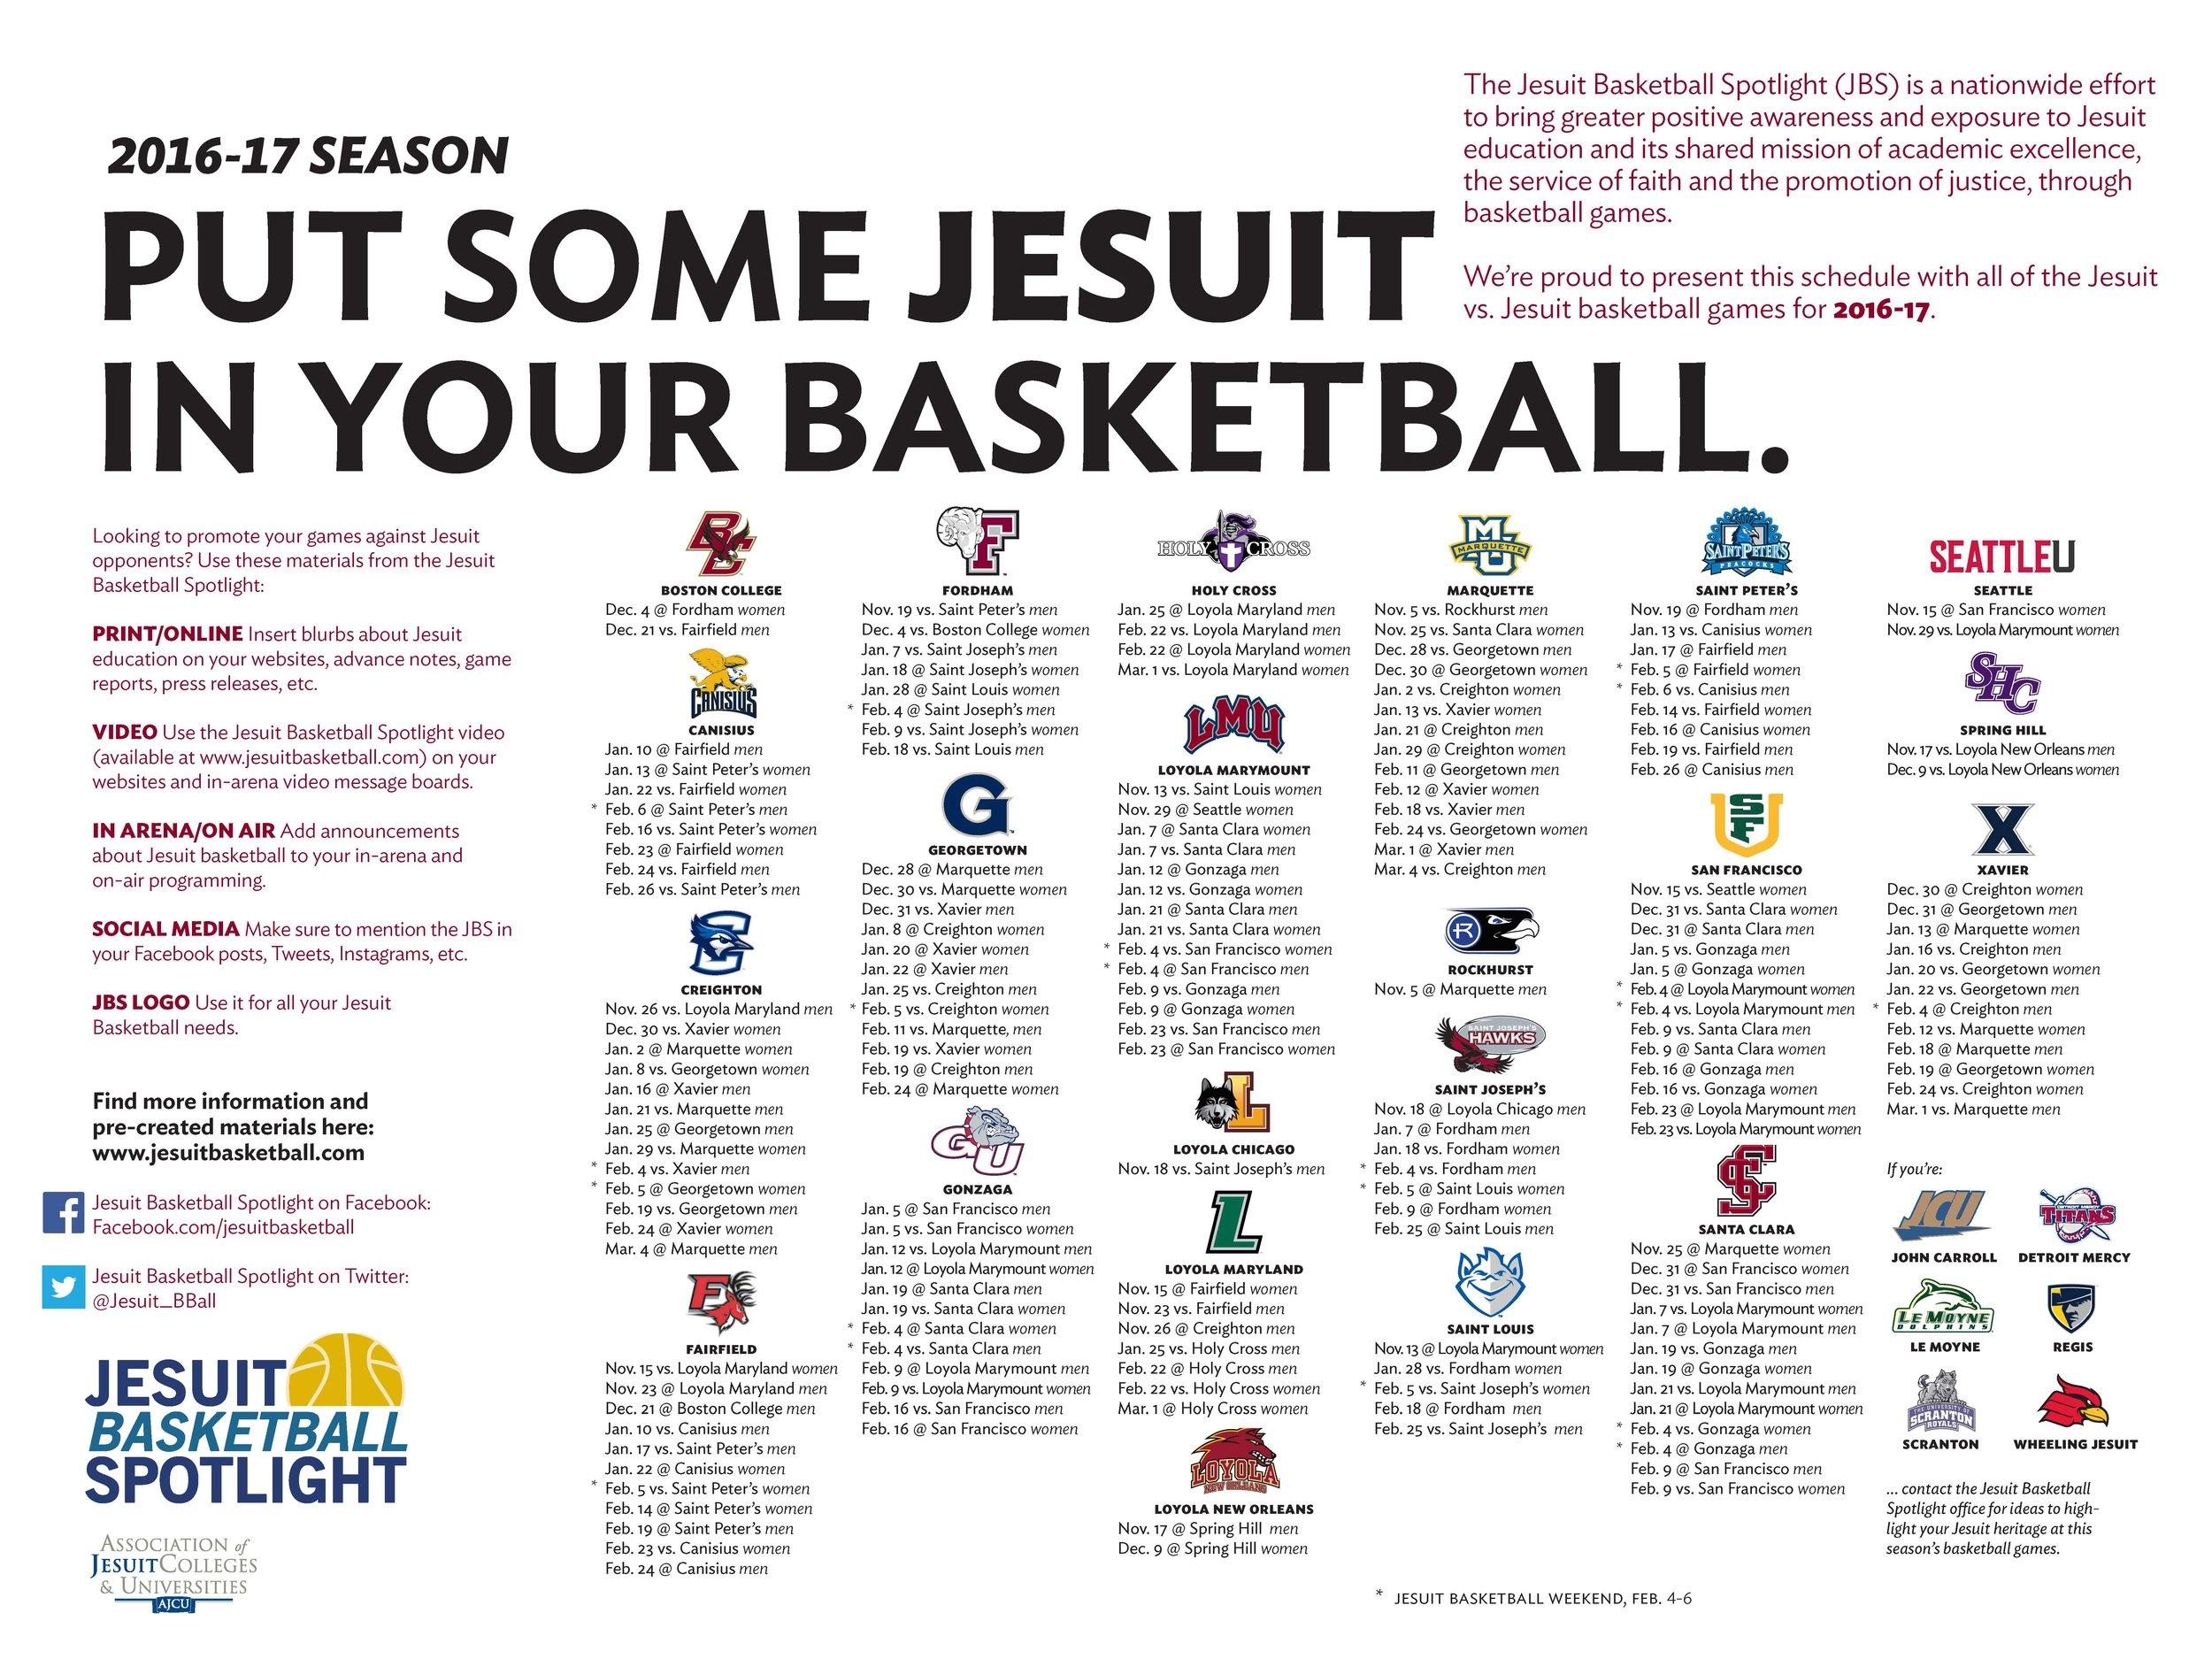 (Photo: Jesuit Basketball Spotlight)